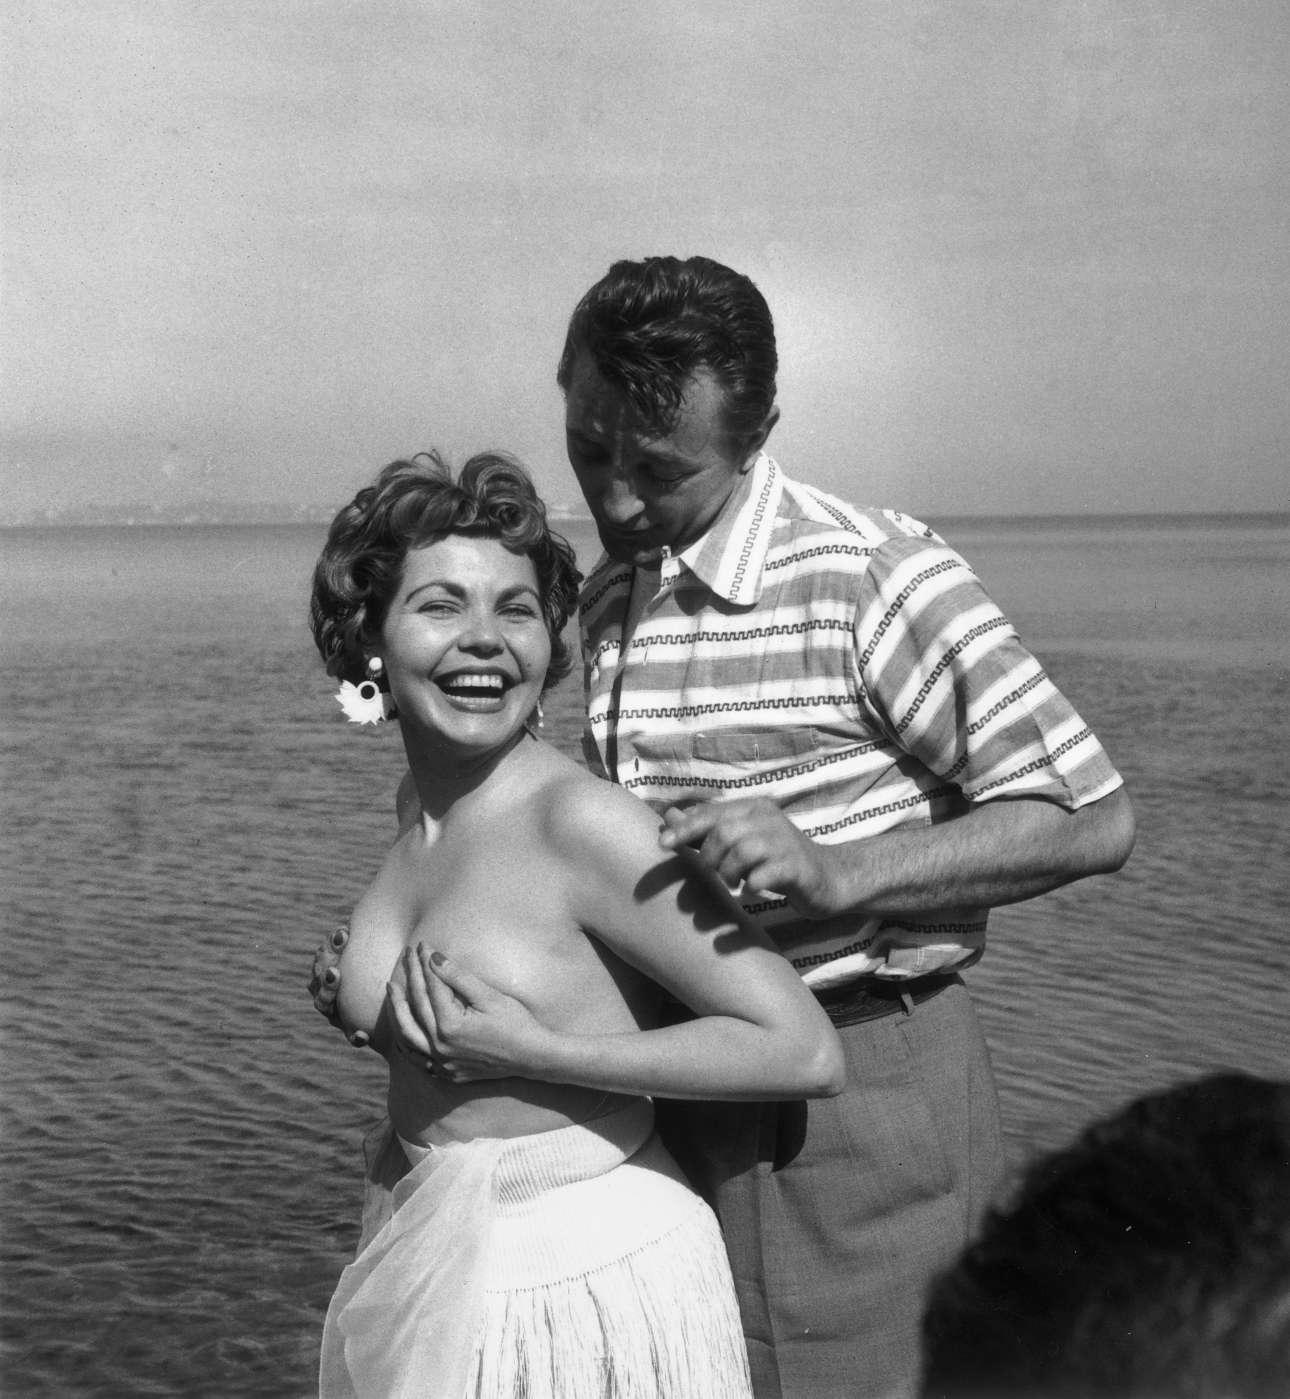 Απρίλιος 1954. Η φωτογραφία σκάνδαλο. Ο Ρόμπερτ Μίτσαμ αγκαλιάζει τη γυμνόστηθη βρετανή ηθοποιό Σιμόν Σίλβα. H ηθοποιός αποβλήθηκε από το φεστιβάλ. Ενας φωτογράφος έσπασε το χέρι του και ένας άλλος το πόδι του, σε μια προσπάθεια να βγάλουν τη φωτογραφία